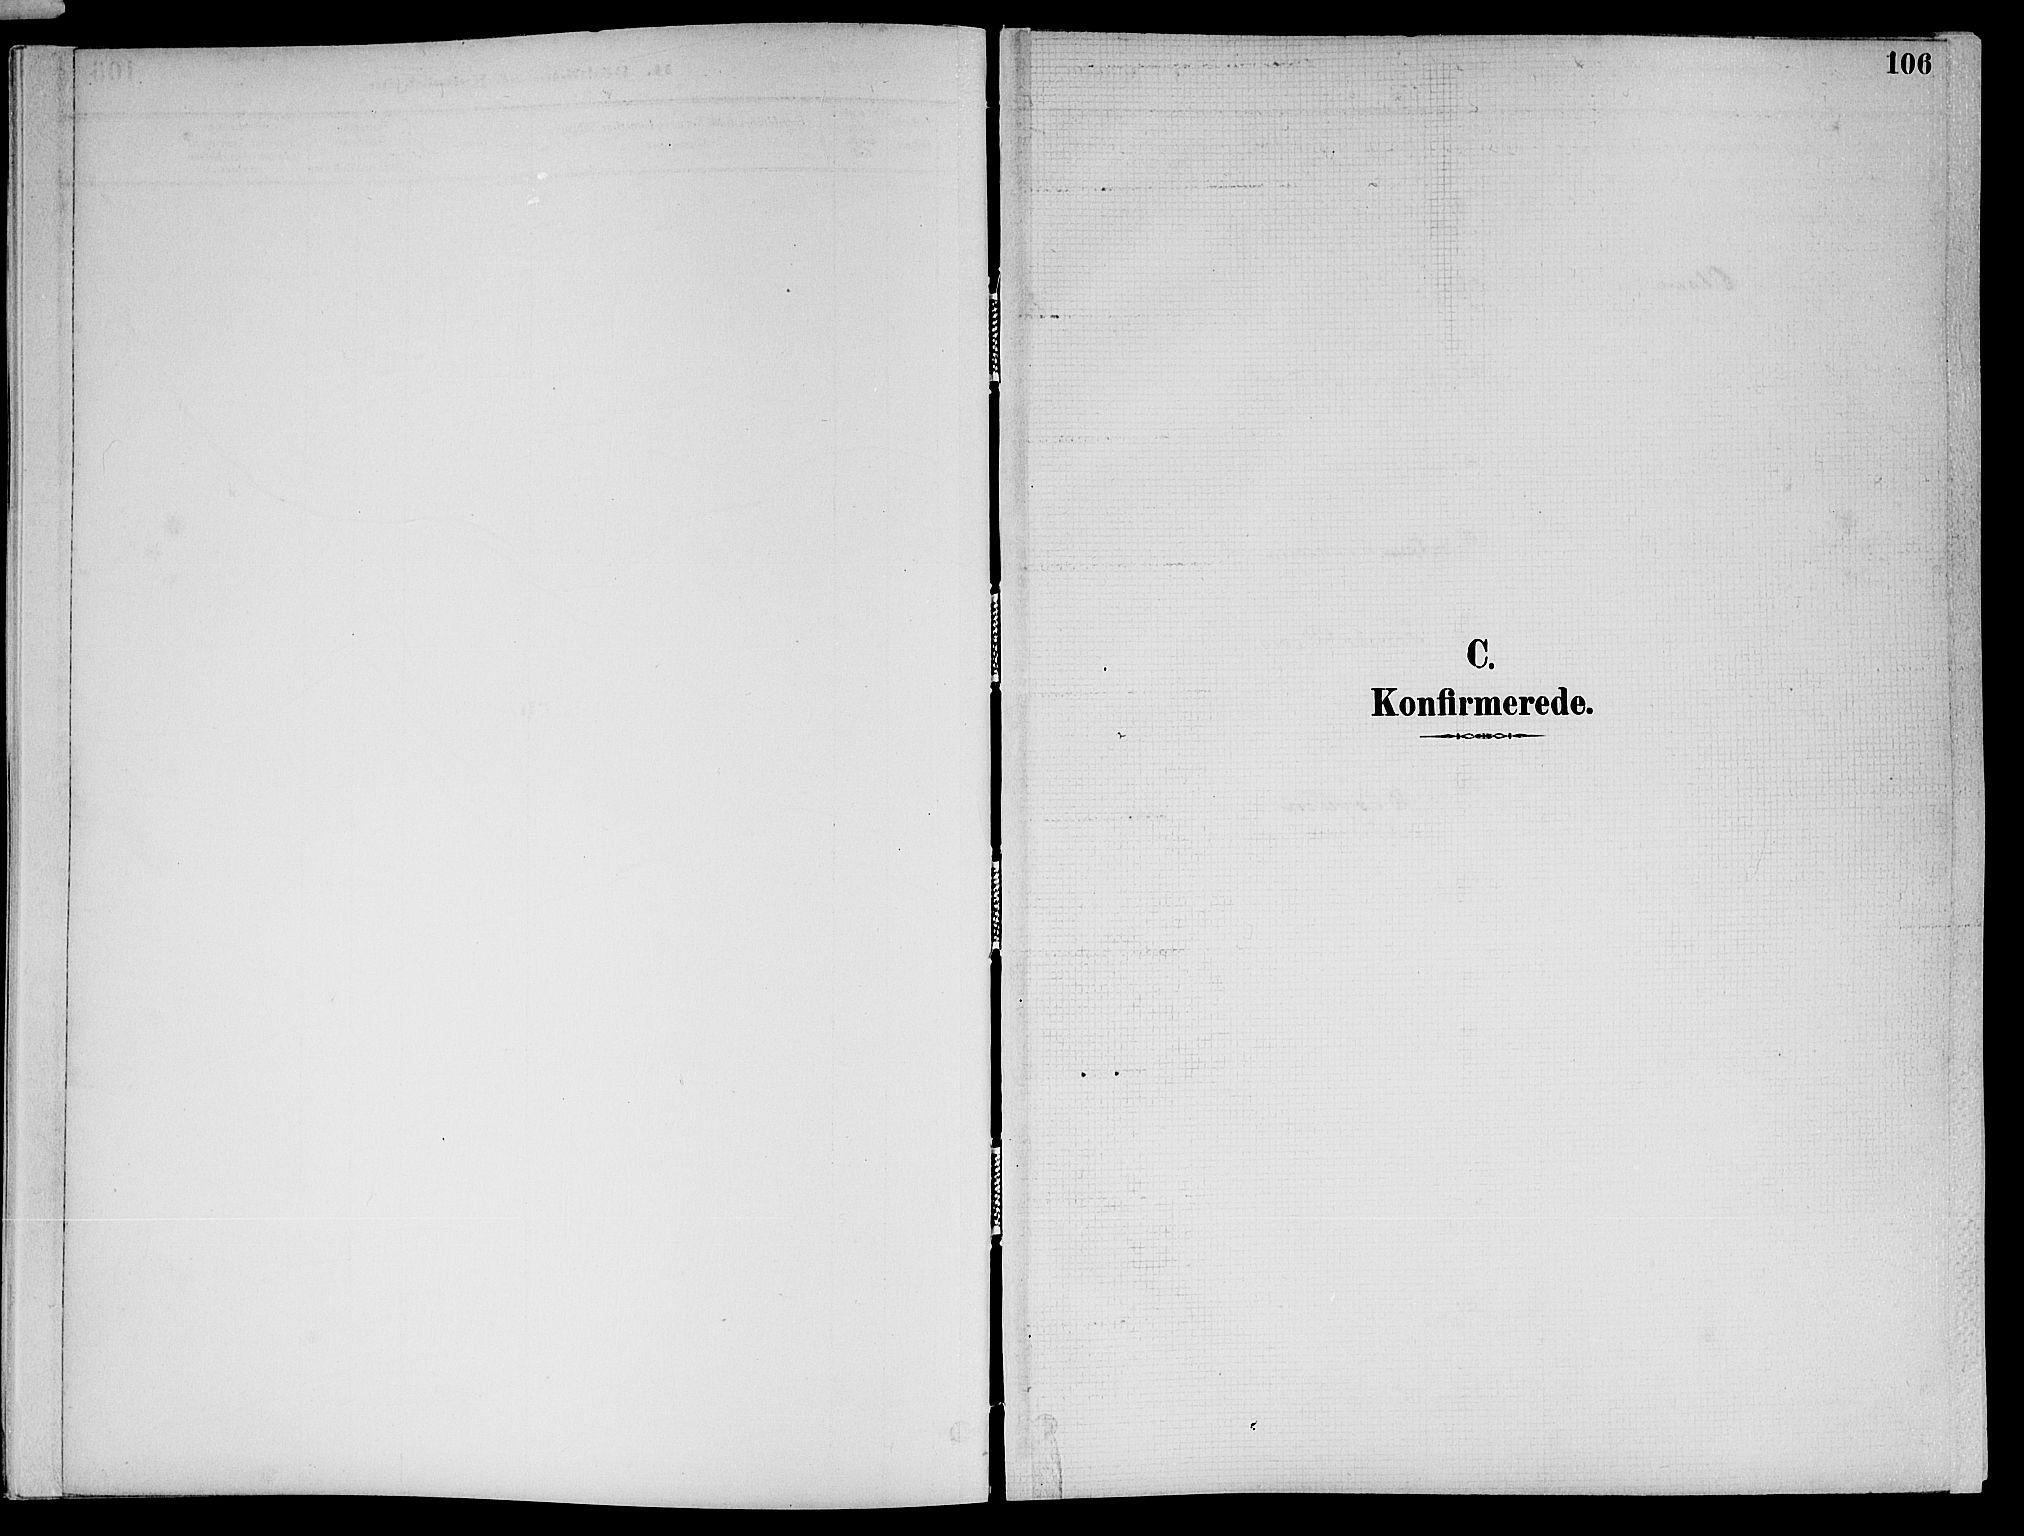 SAT, Ministerialprotokoller, klokkerbøker og fødselsregistre - Nord-Trøndelag, 773/L0617: Ministerialbok nr. 773A08, 1887-1910, s. 106